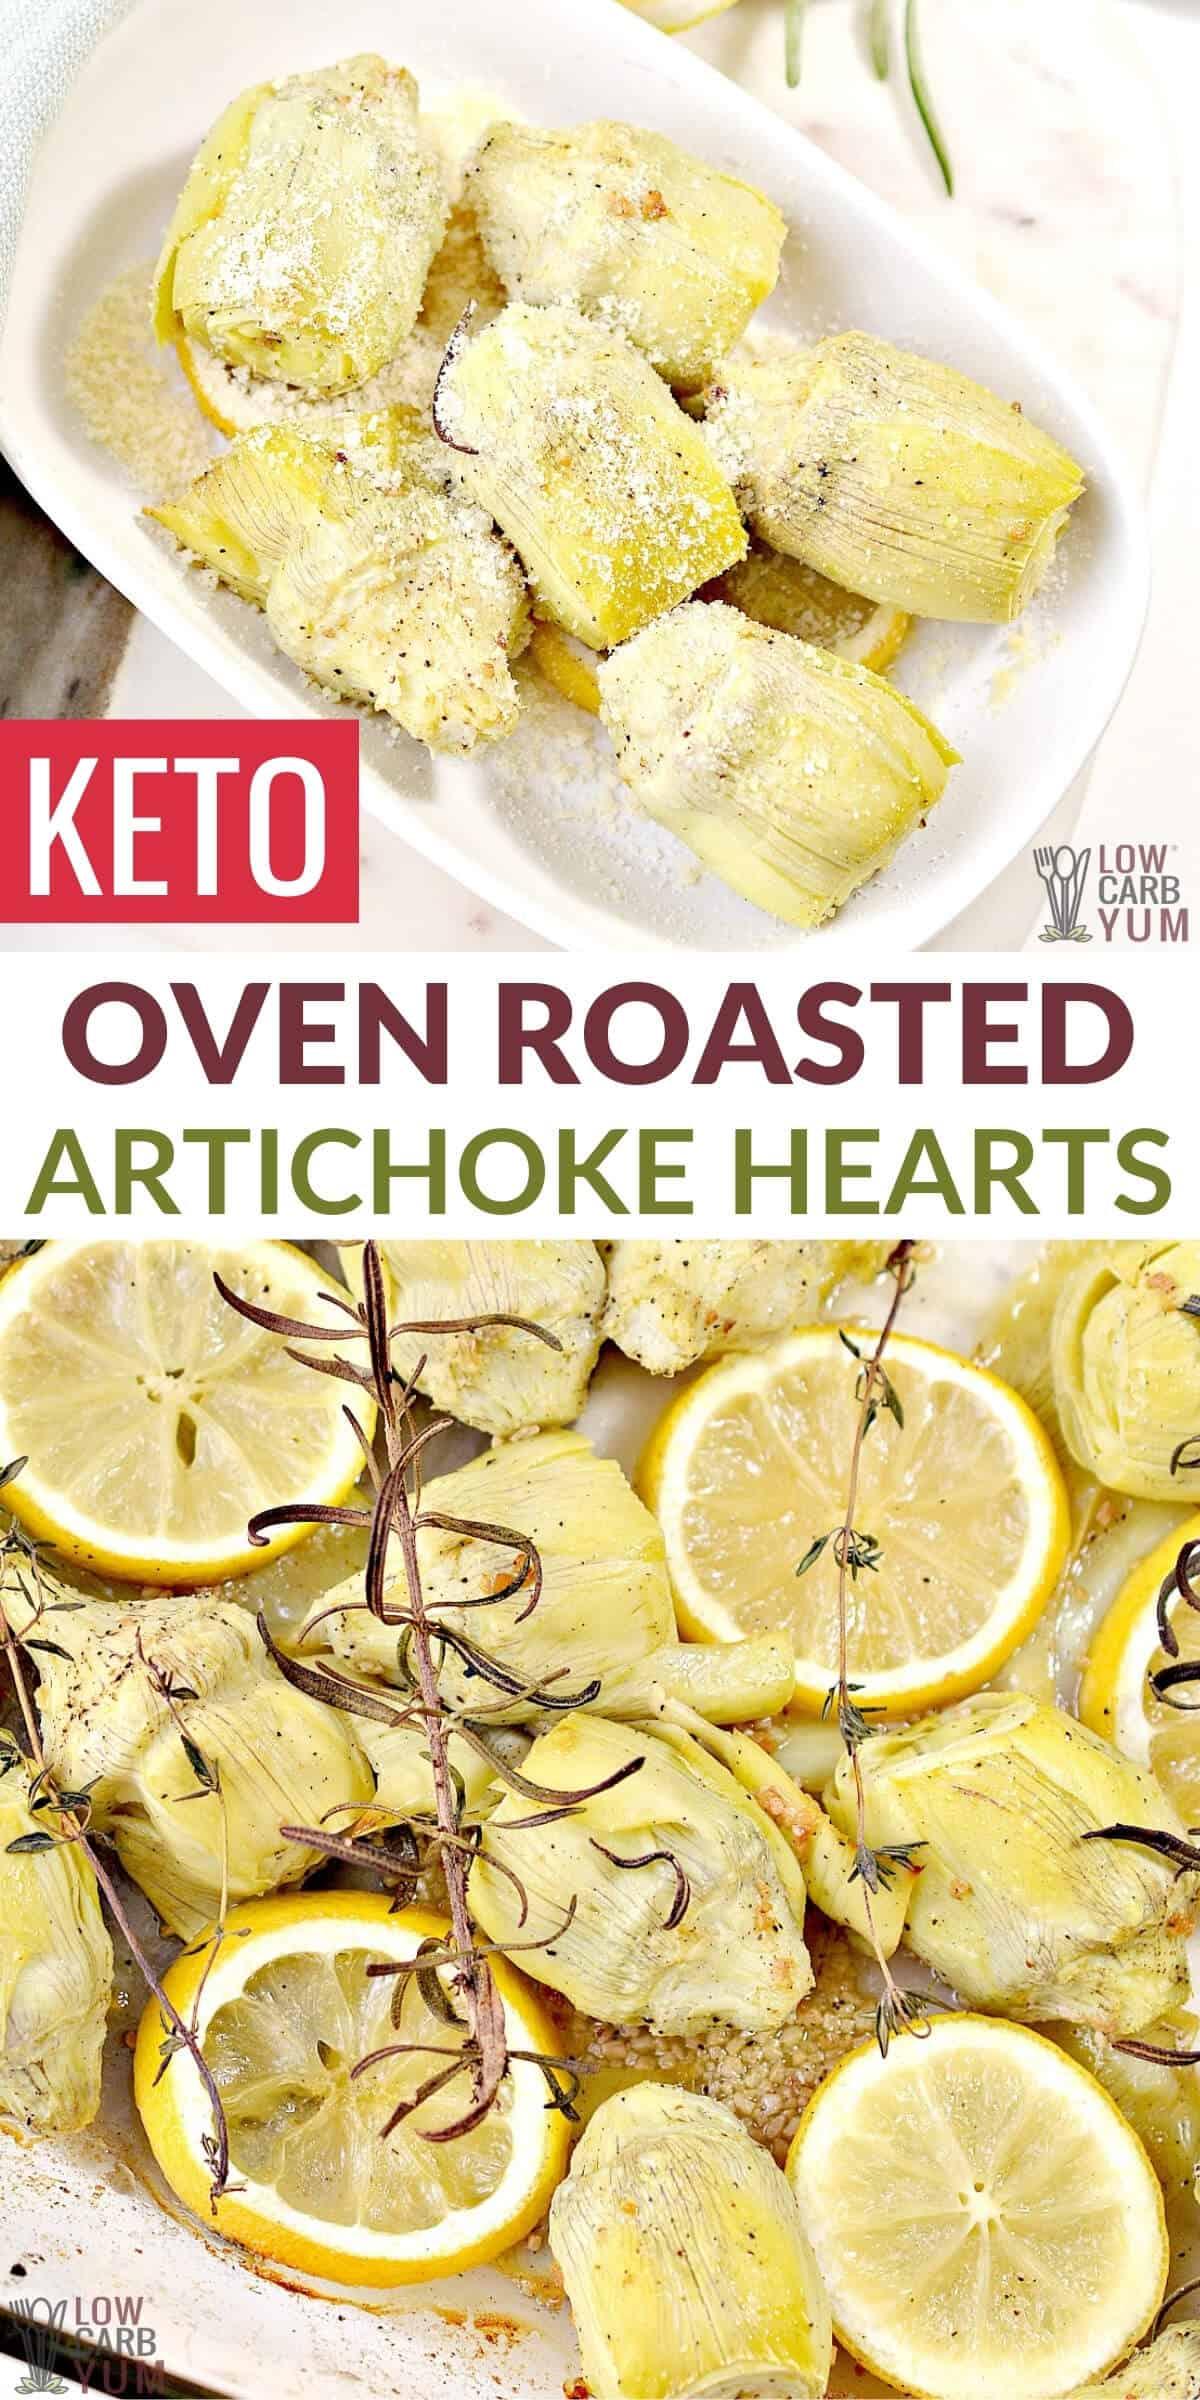 oven roasted artichoke hearts pinterest image